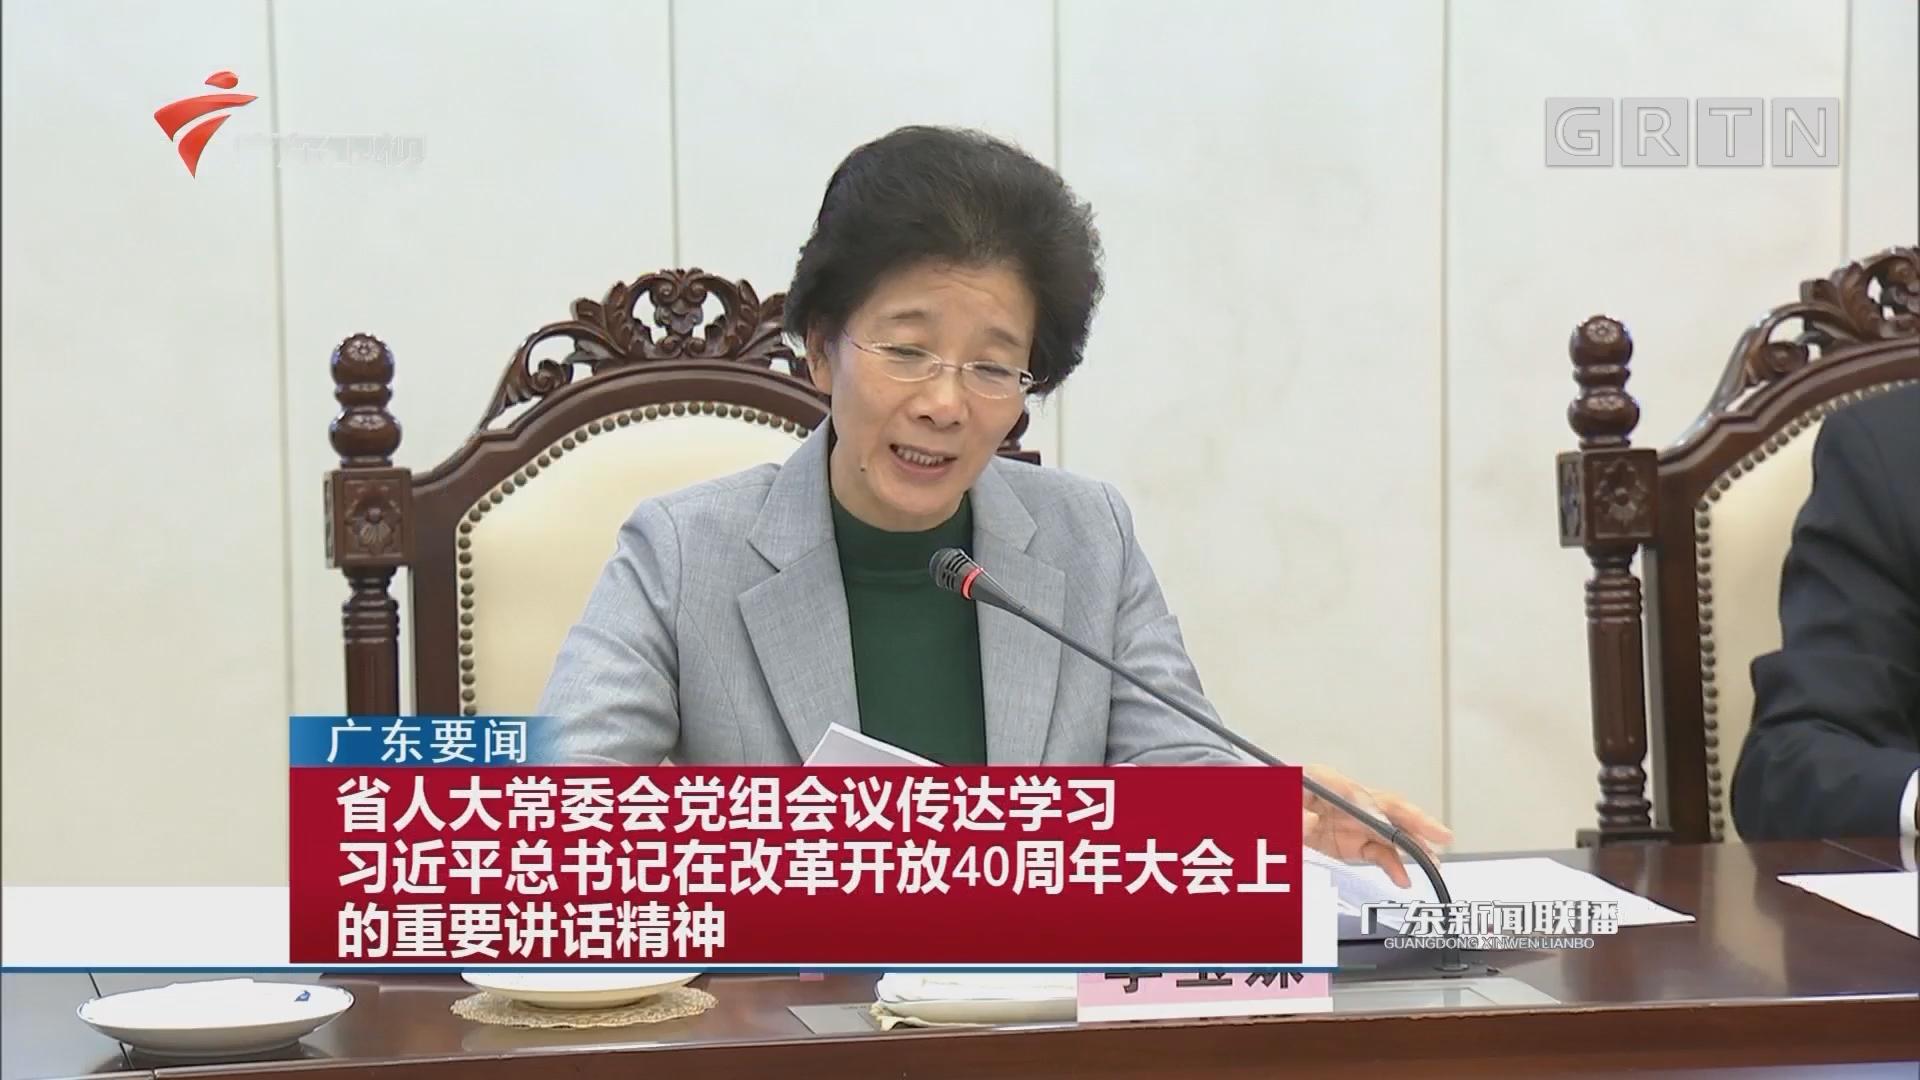 省人大常委会党组会议传达学习习近平总书记在改革开放40周年大会上的重要讲话精神